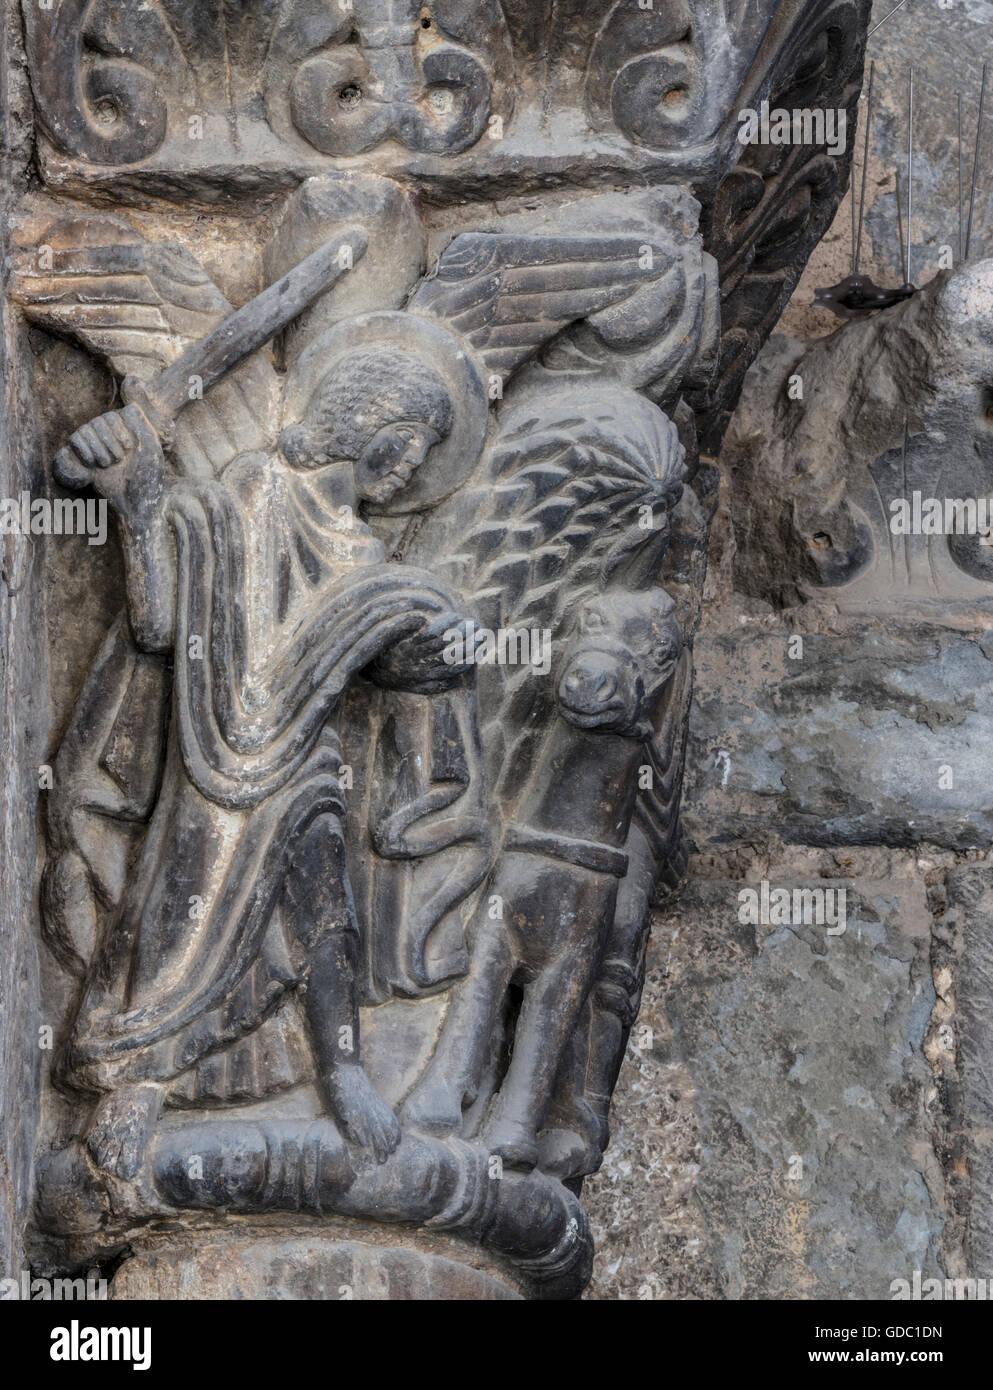 La province de Jaca, Huesca, Aragon, Espagne. Le capital à l'extérieur de l'époque romane Photo Stock